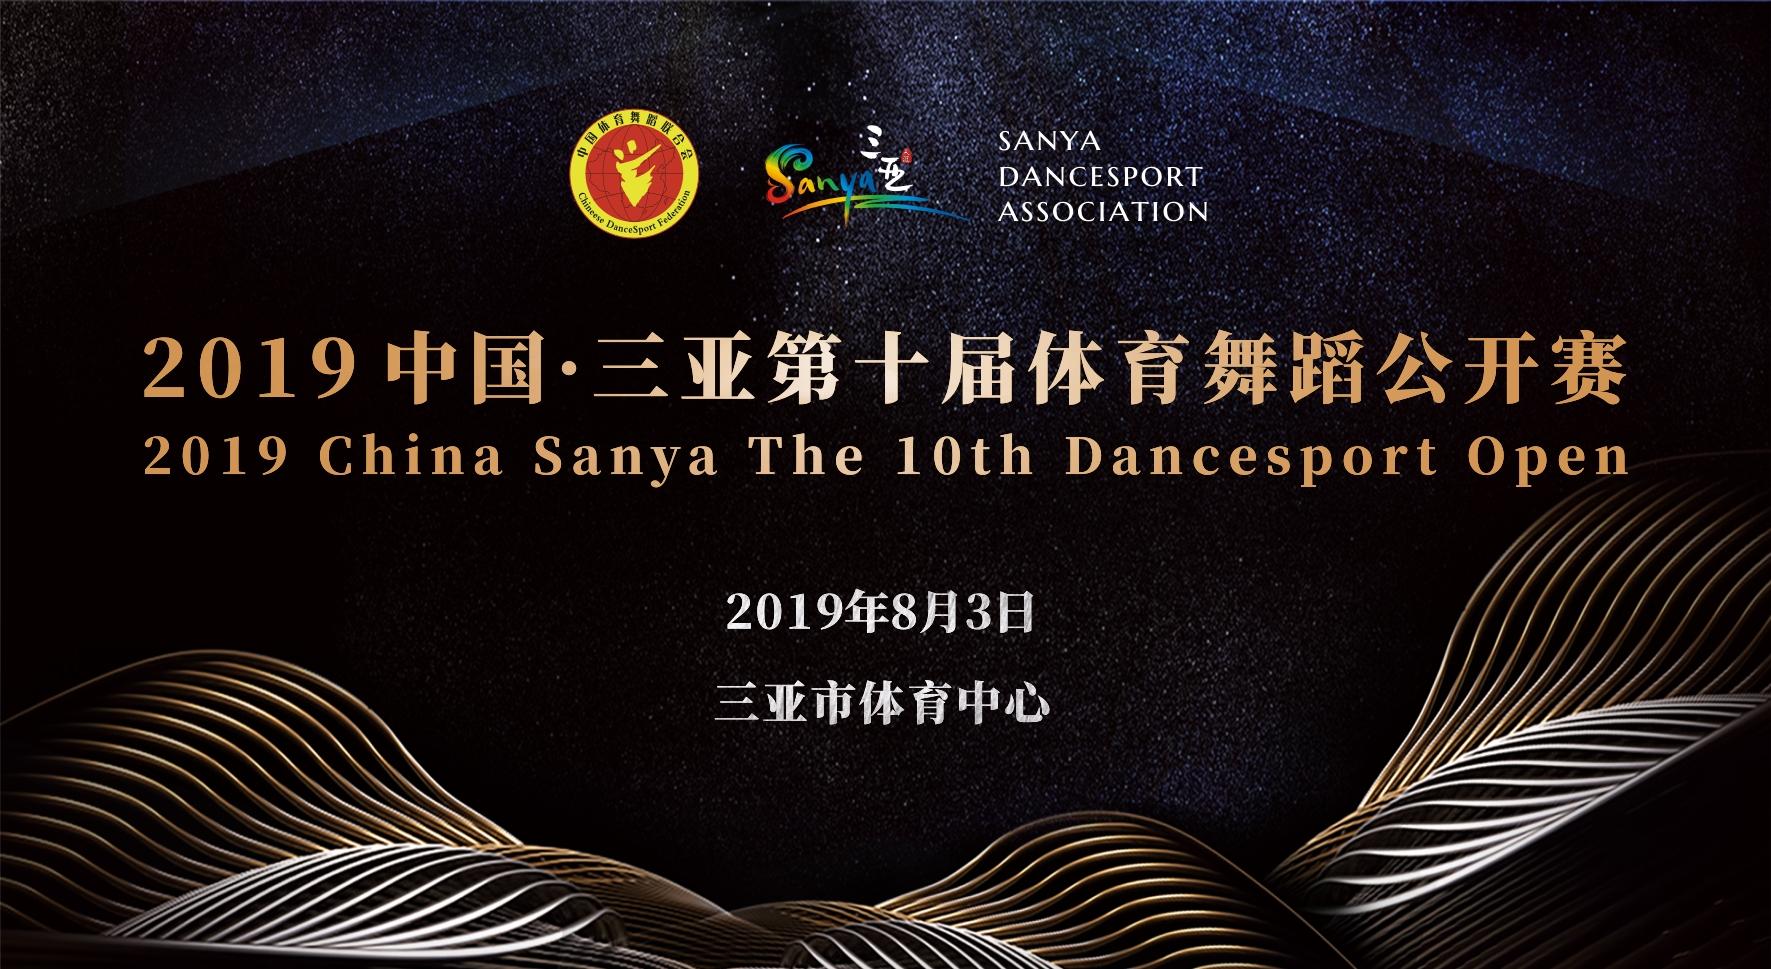 2019中国·三亚第十届体育舞蹈公开赛